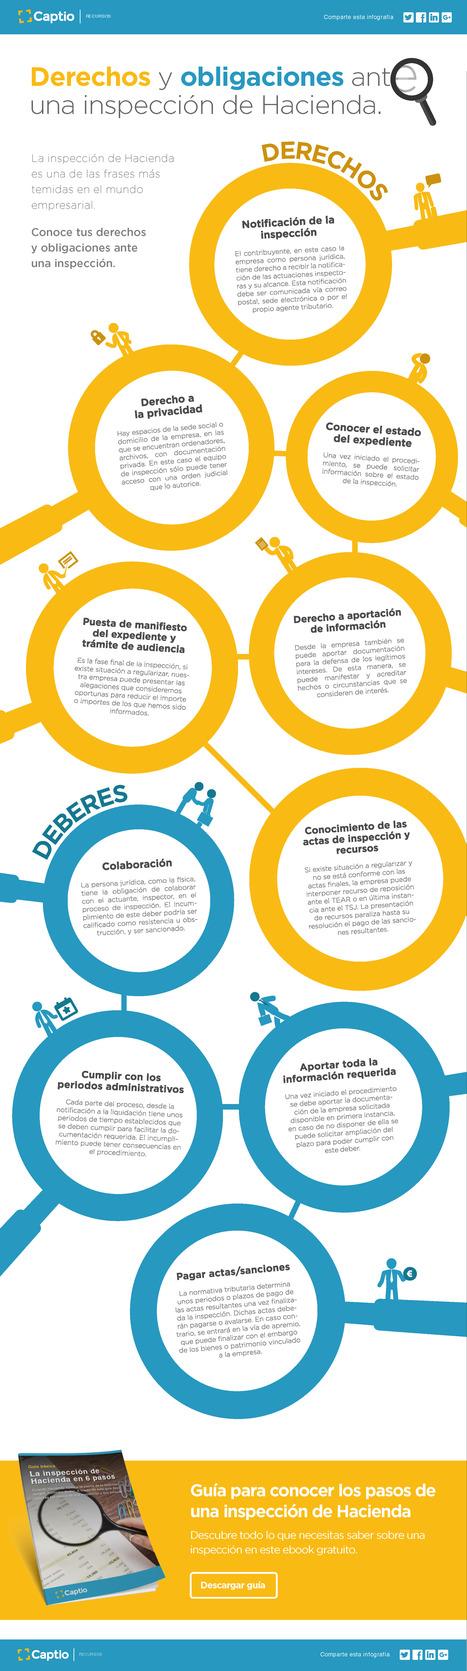 Infografia: Derechos y obligaciones ante una inspección de Hacienda | Impuestos | Scoop.it